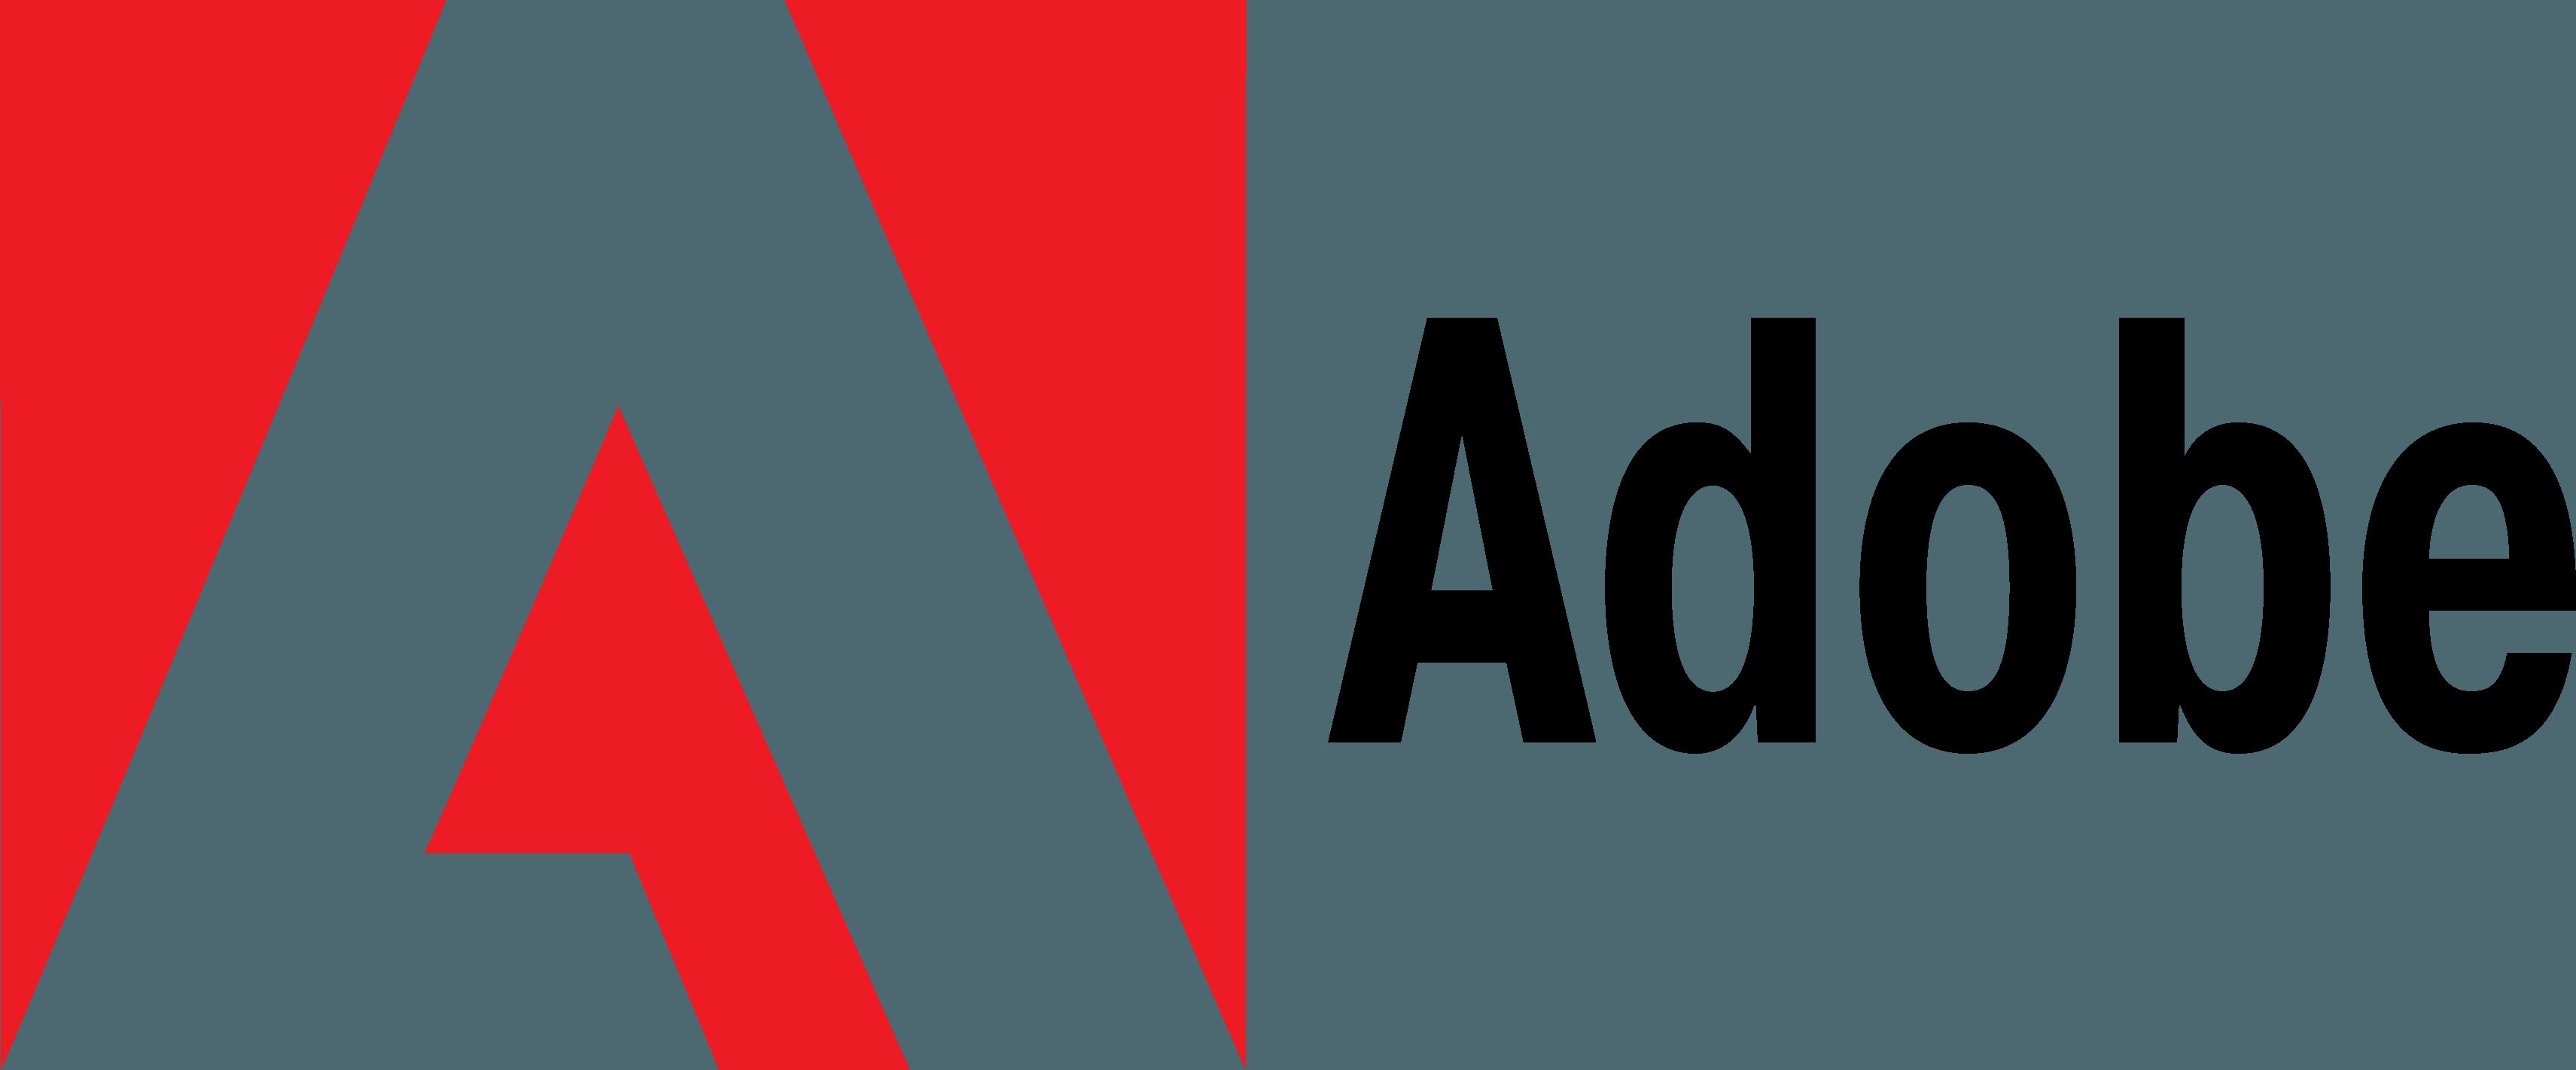 adobe-logo-png-3